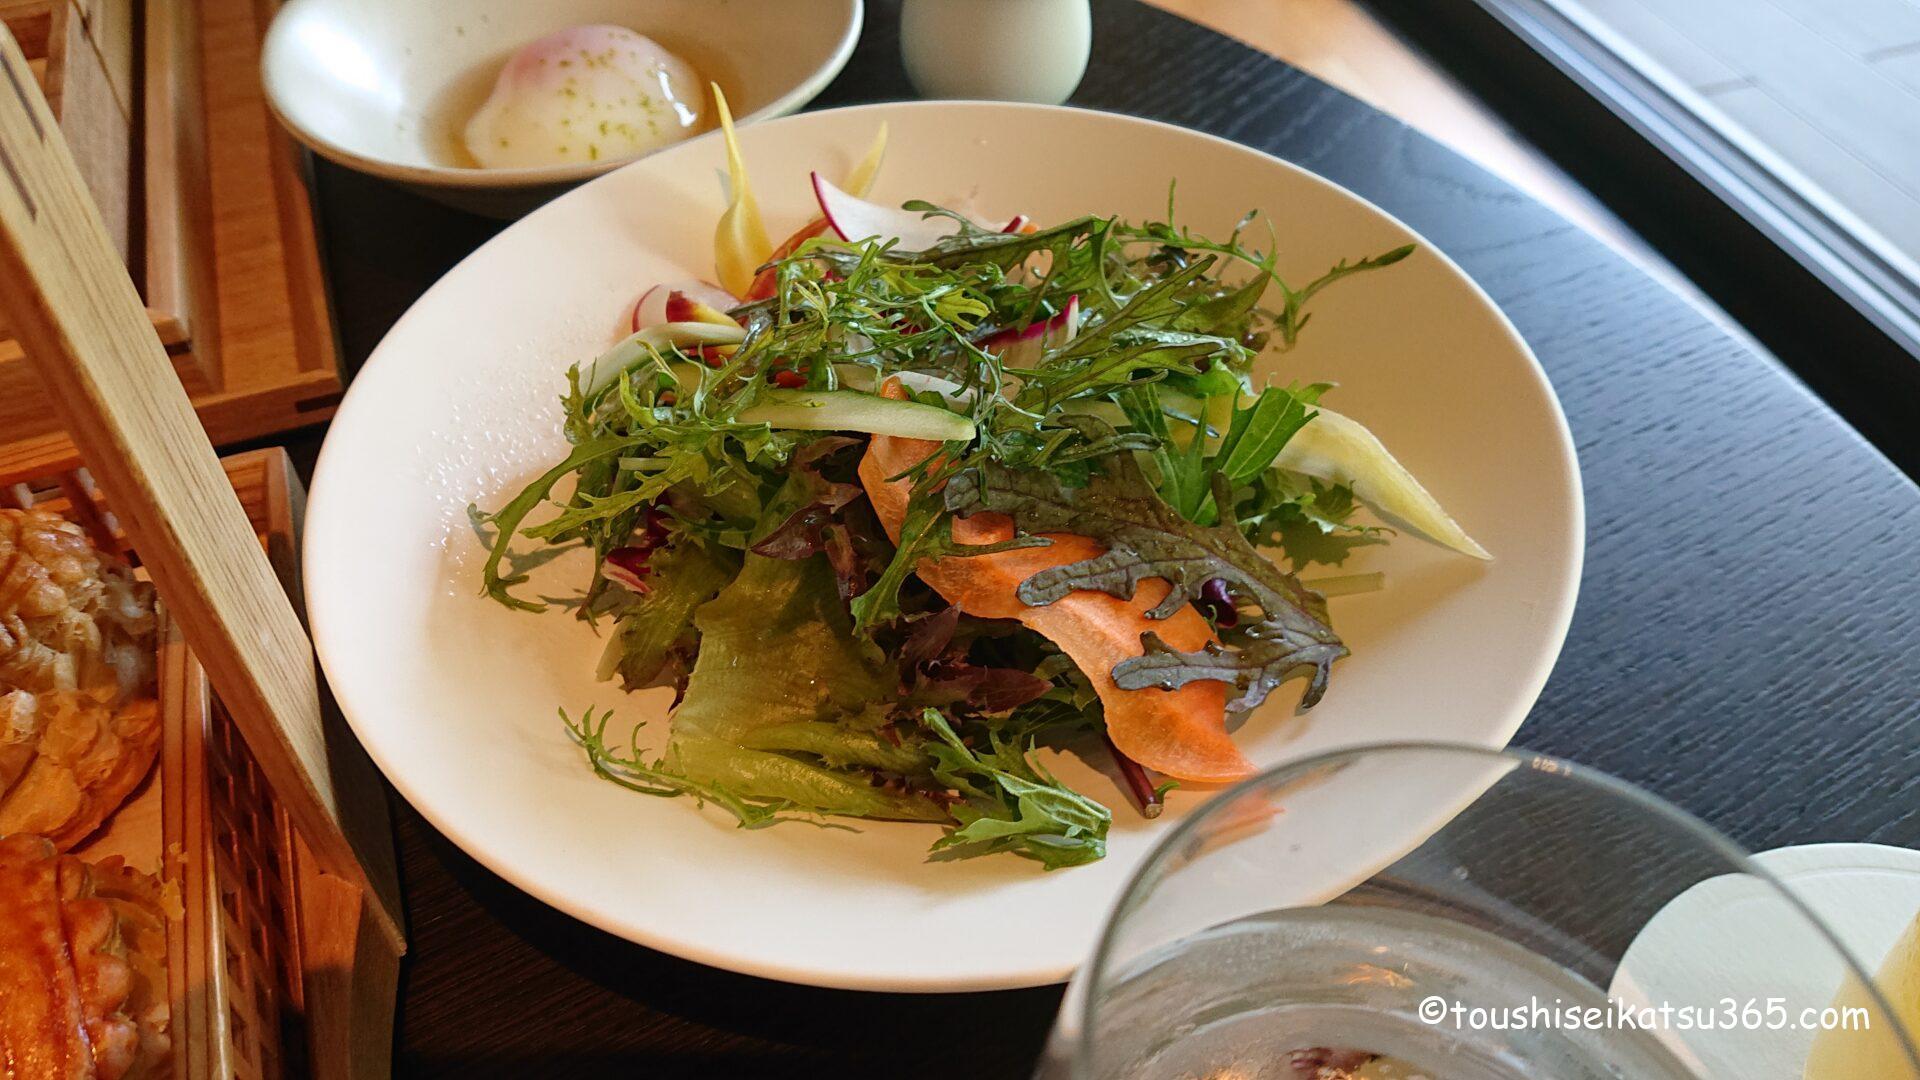 ザ・リッツ・カールトン ブレックファスト|海老原ファームのグリーンサラダ